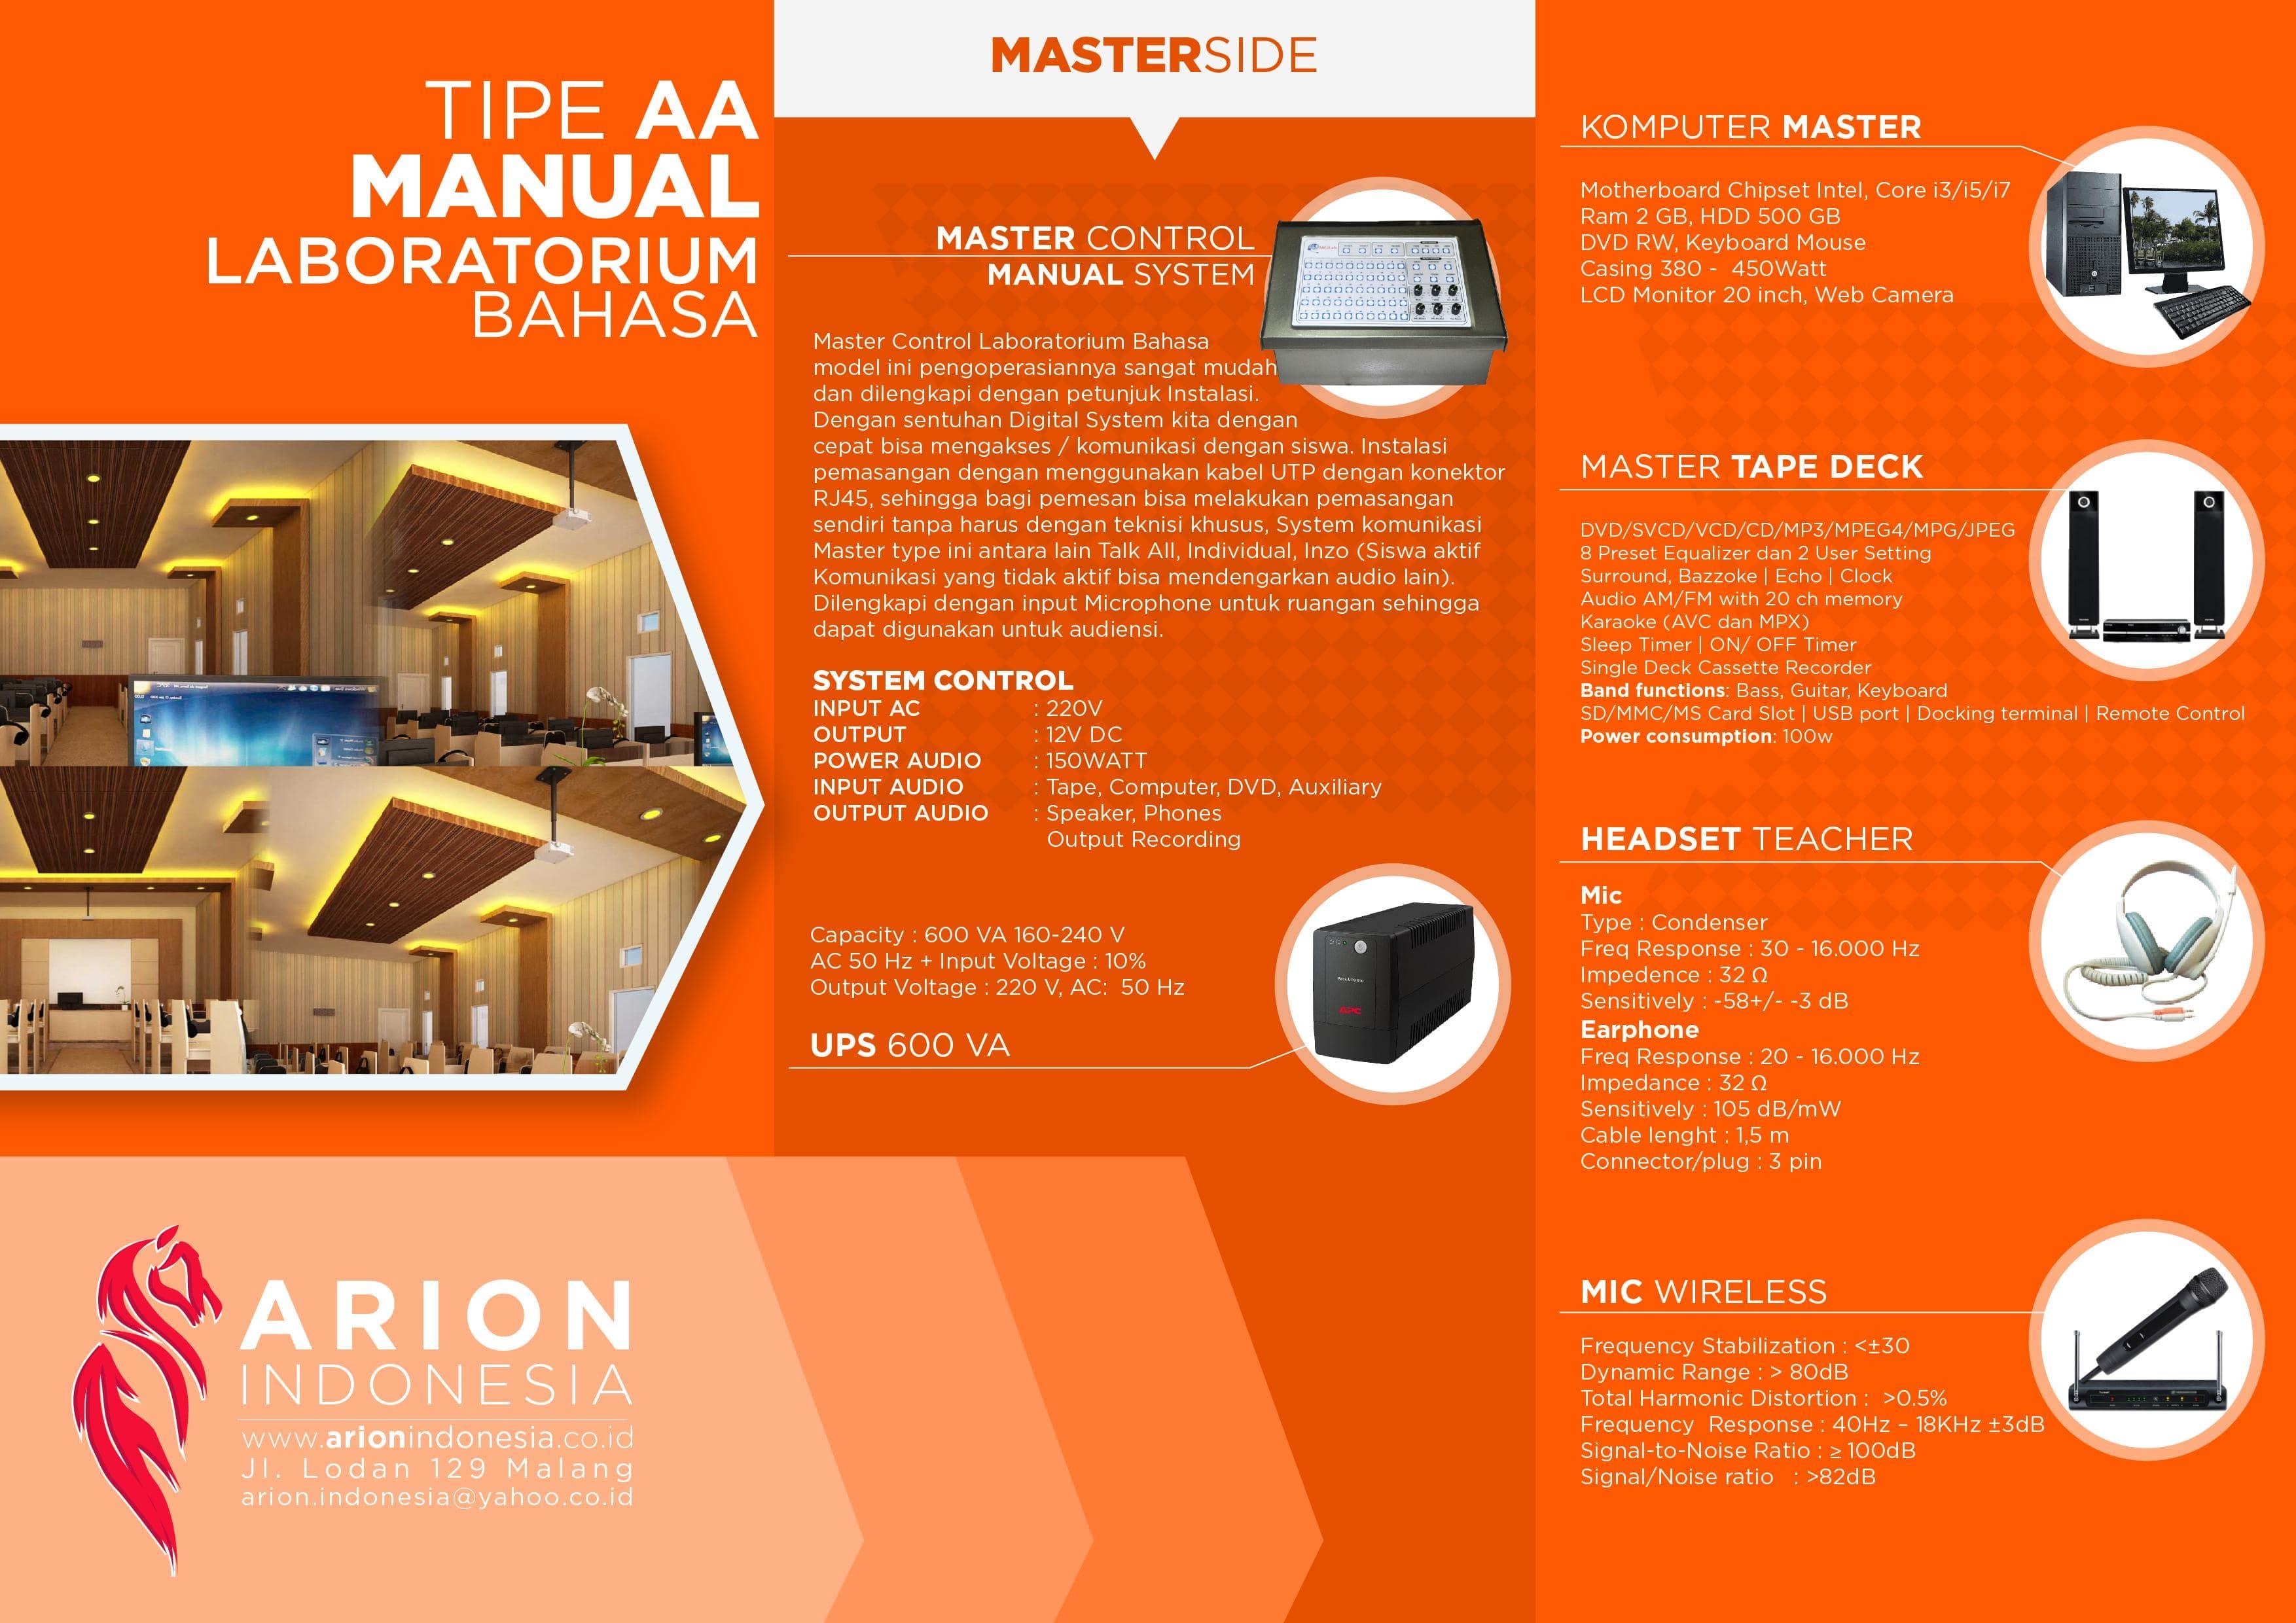 manual-aa-01-min